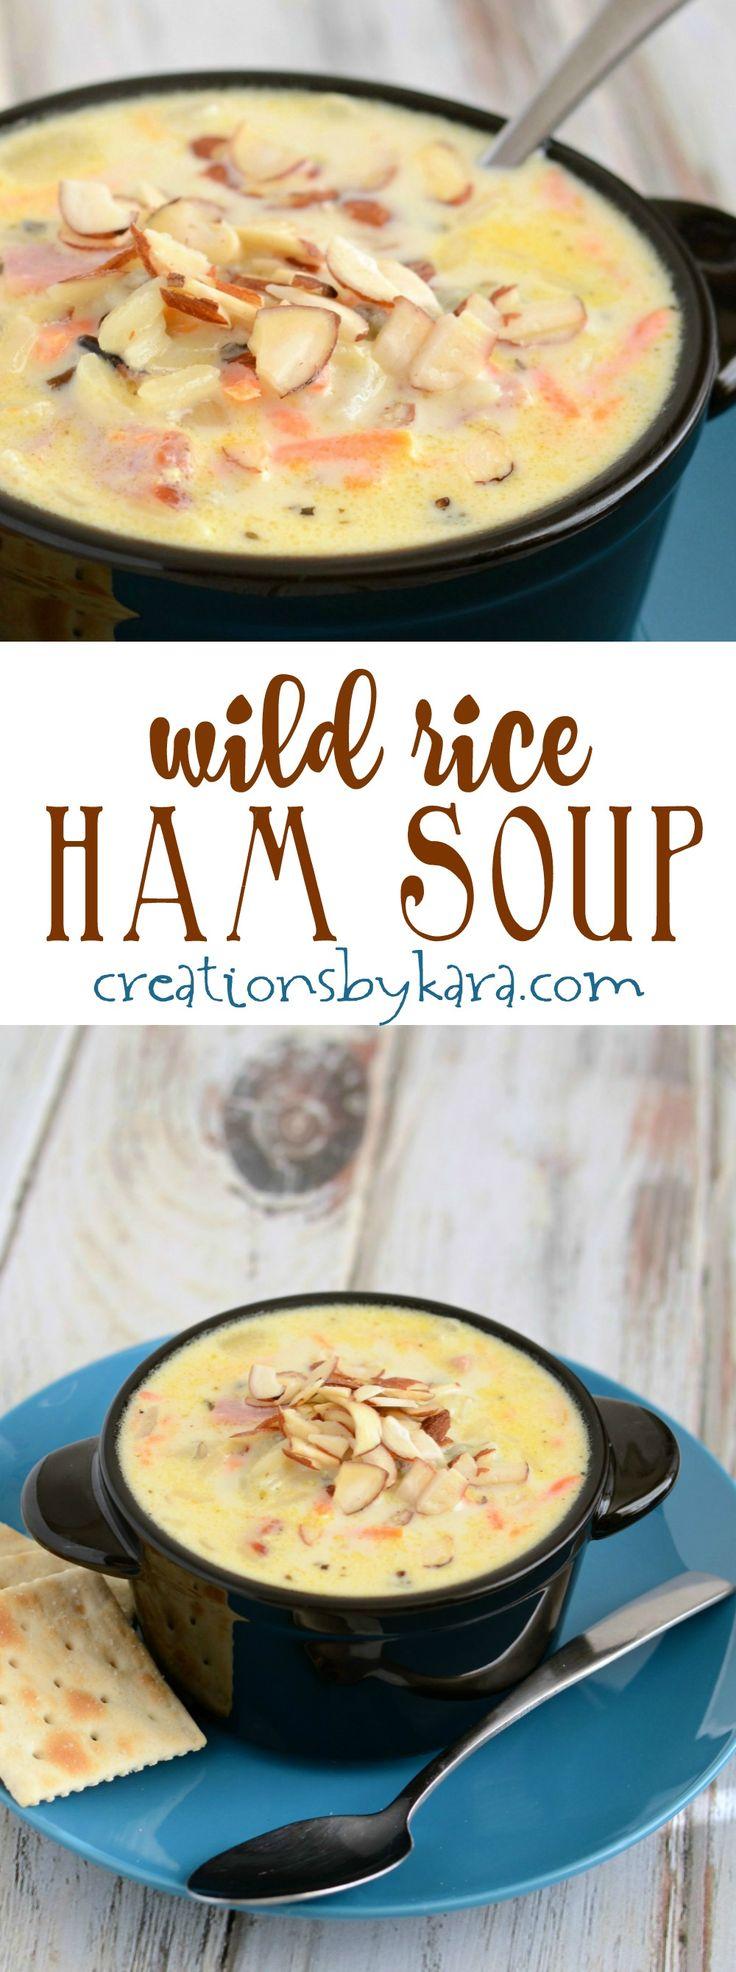 how to make ham soup